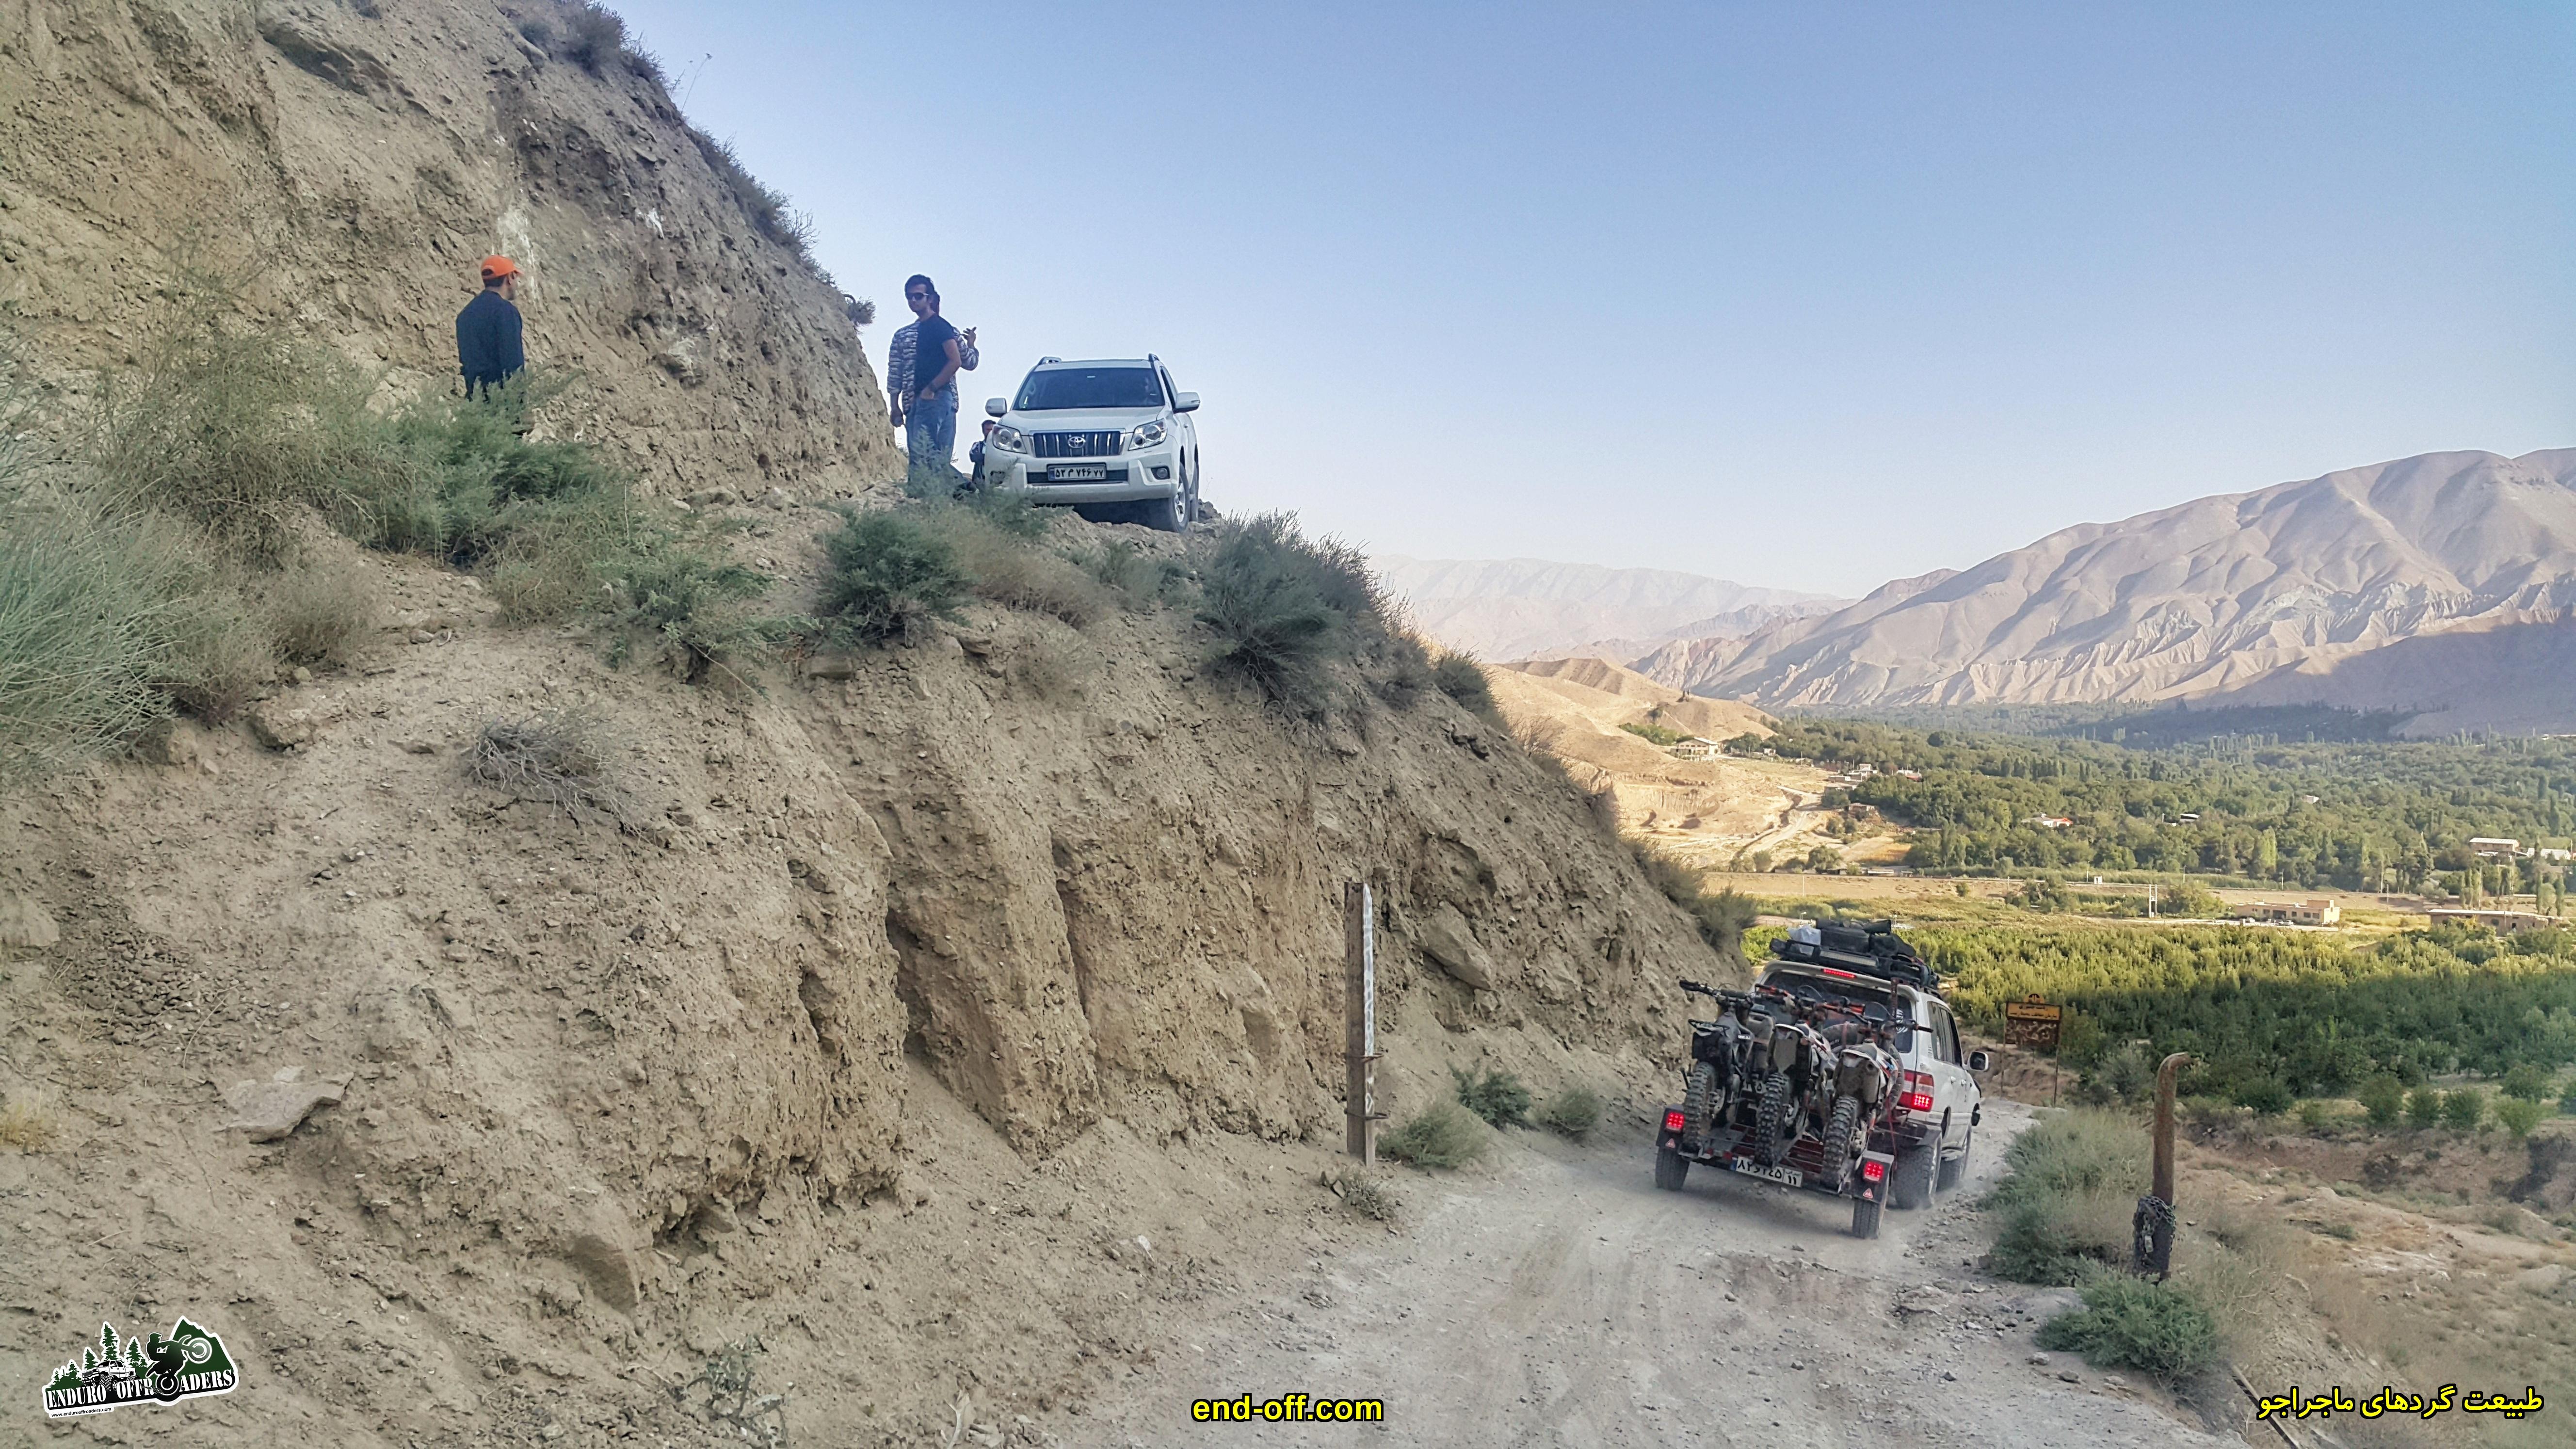 مسیر دریاچه آهنک - تابستان 1399 2020